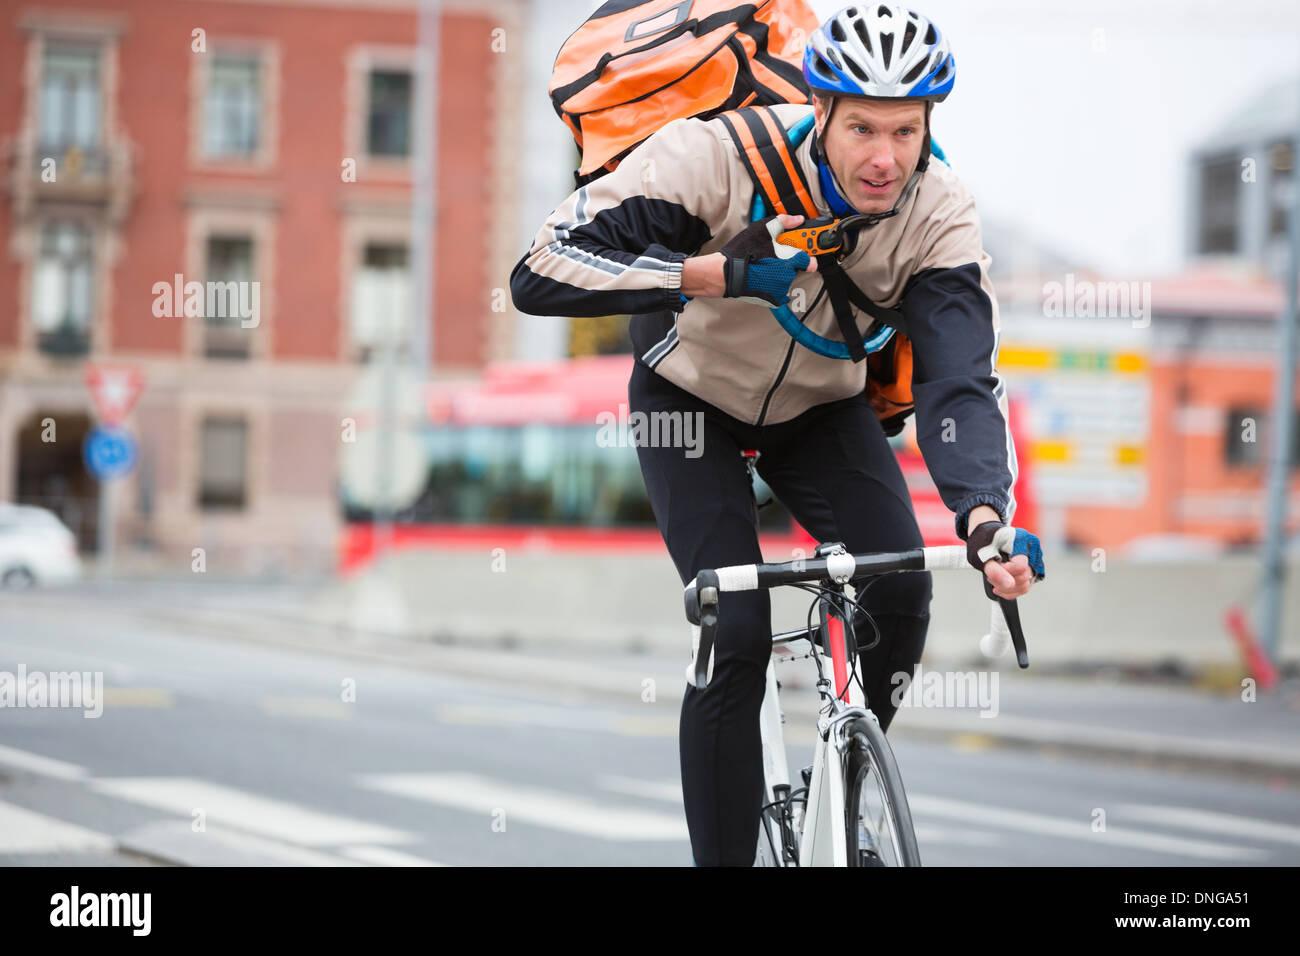 Ciclista con Courier entrega bicicleta Equitación bolsa Imagen De Stock